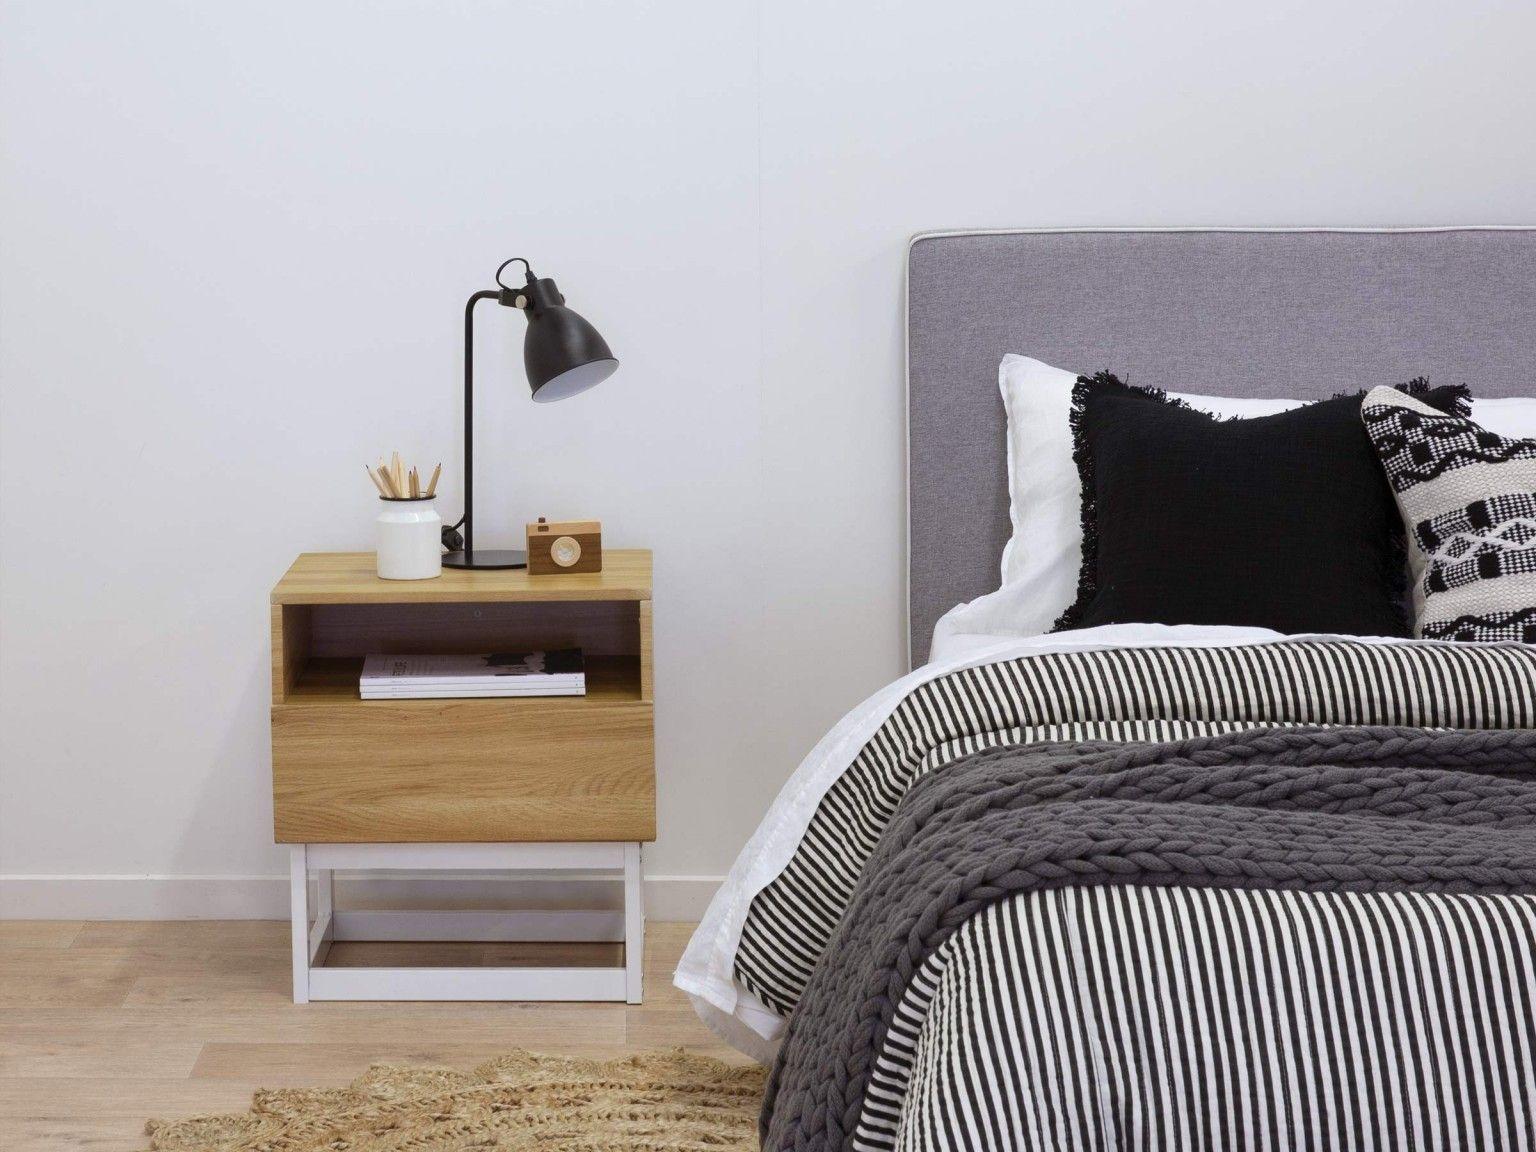 Urban Bedside Table - Bedroom Furniture | Mocka AU in 2020 ...